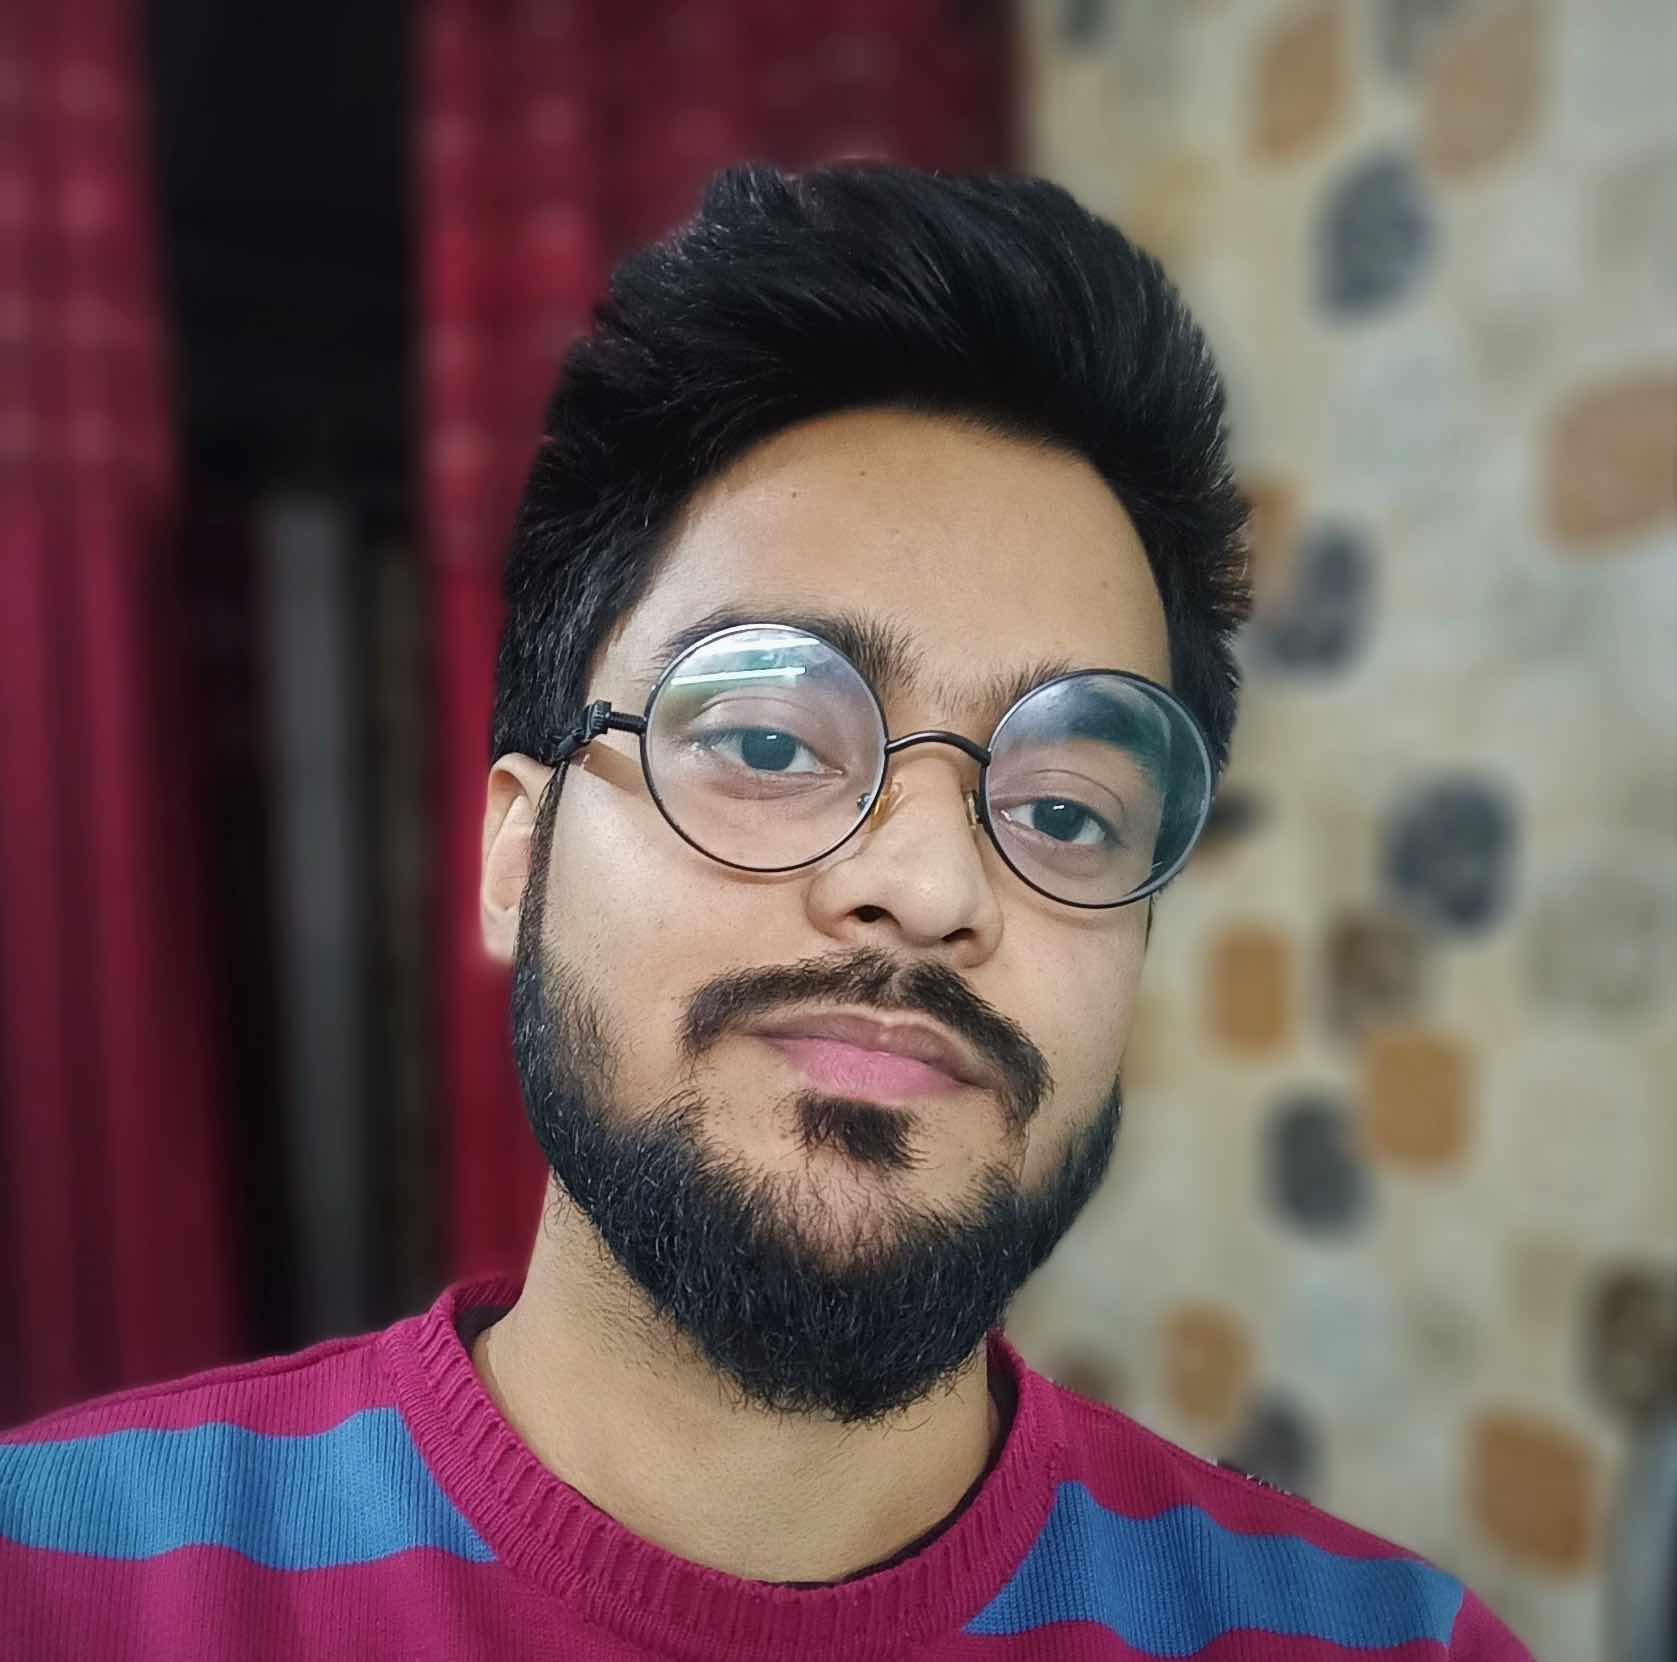 Mirza Aaqib Beg